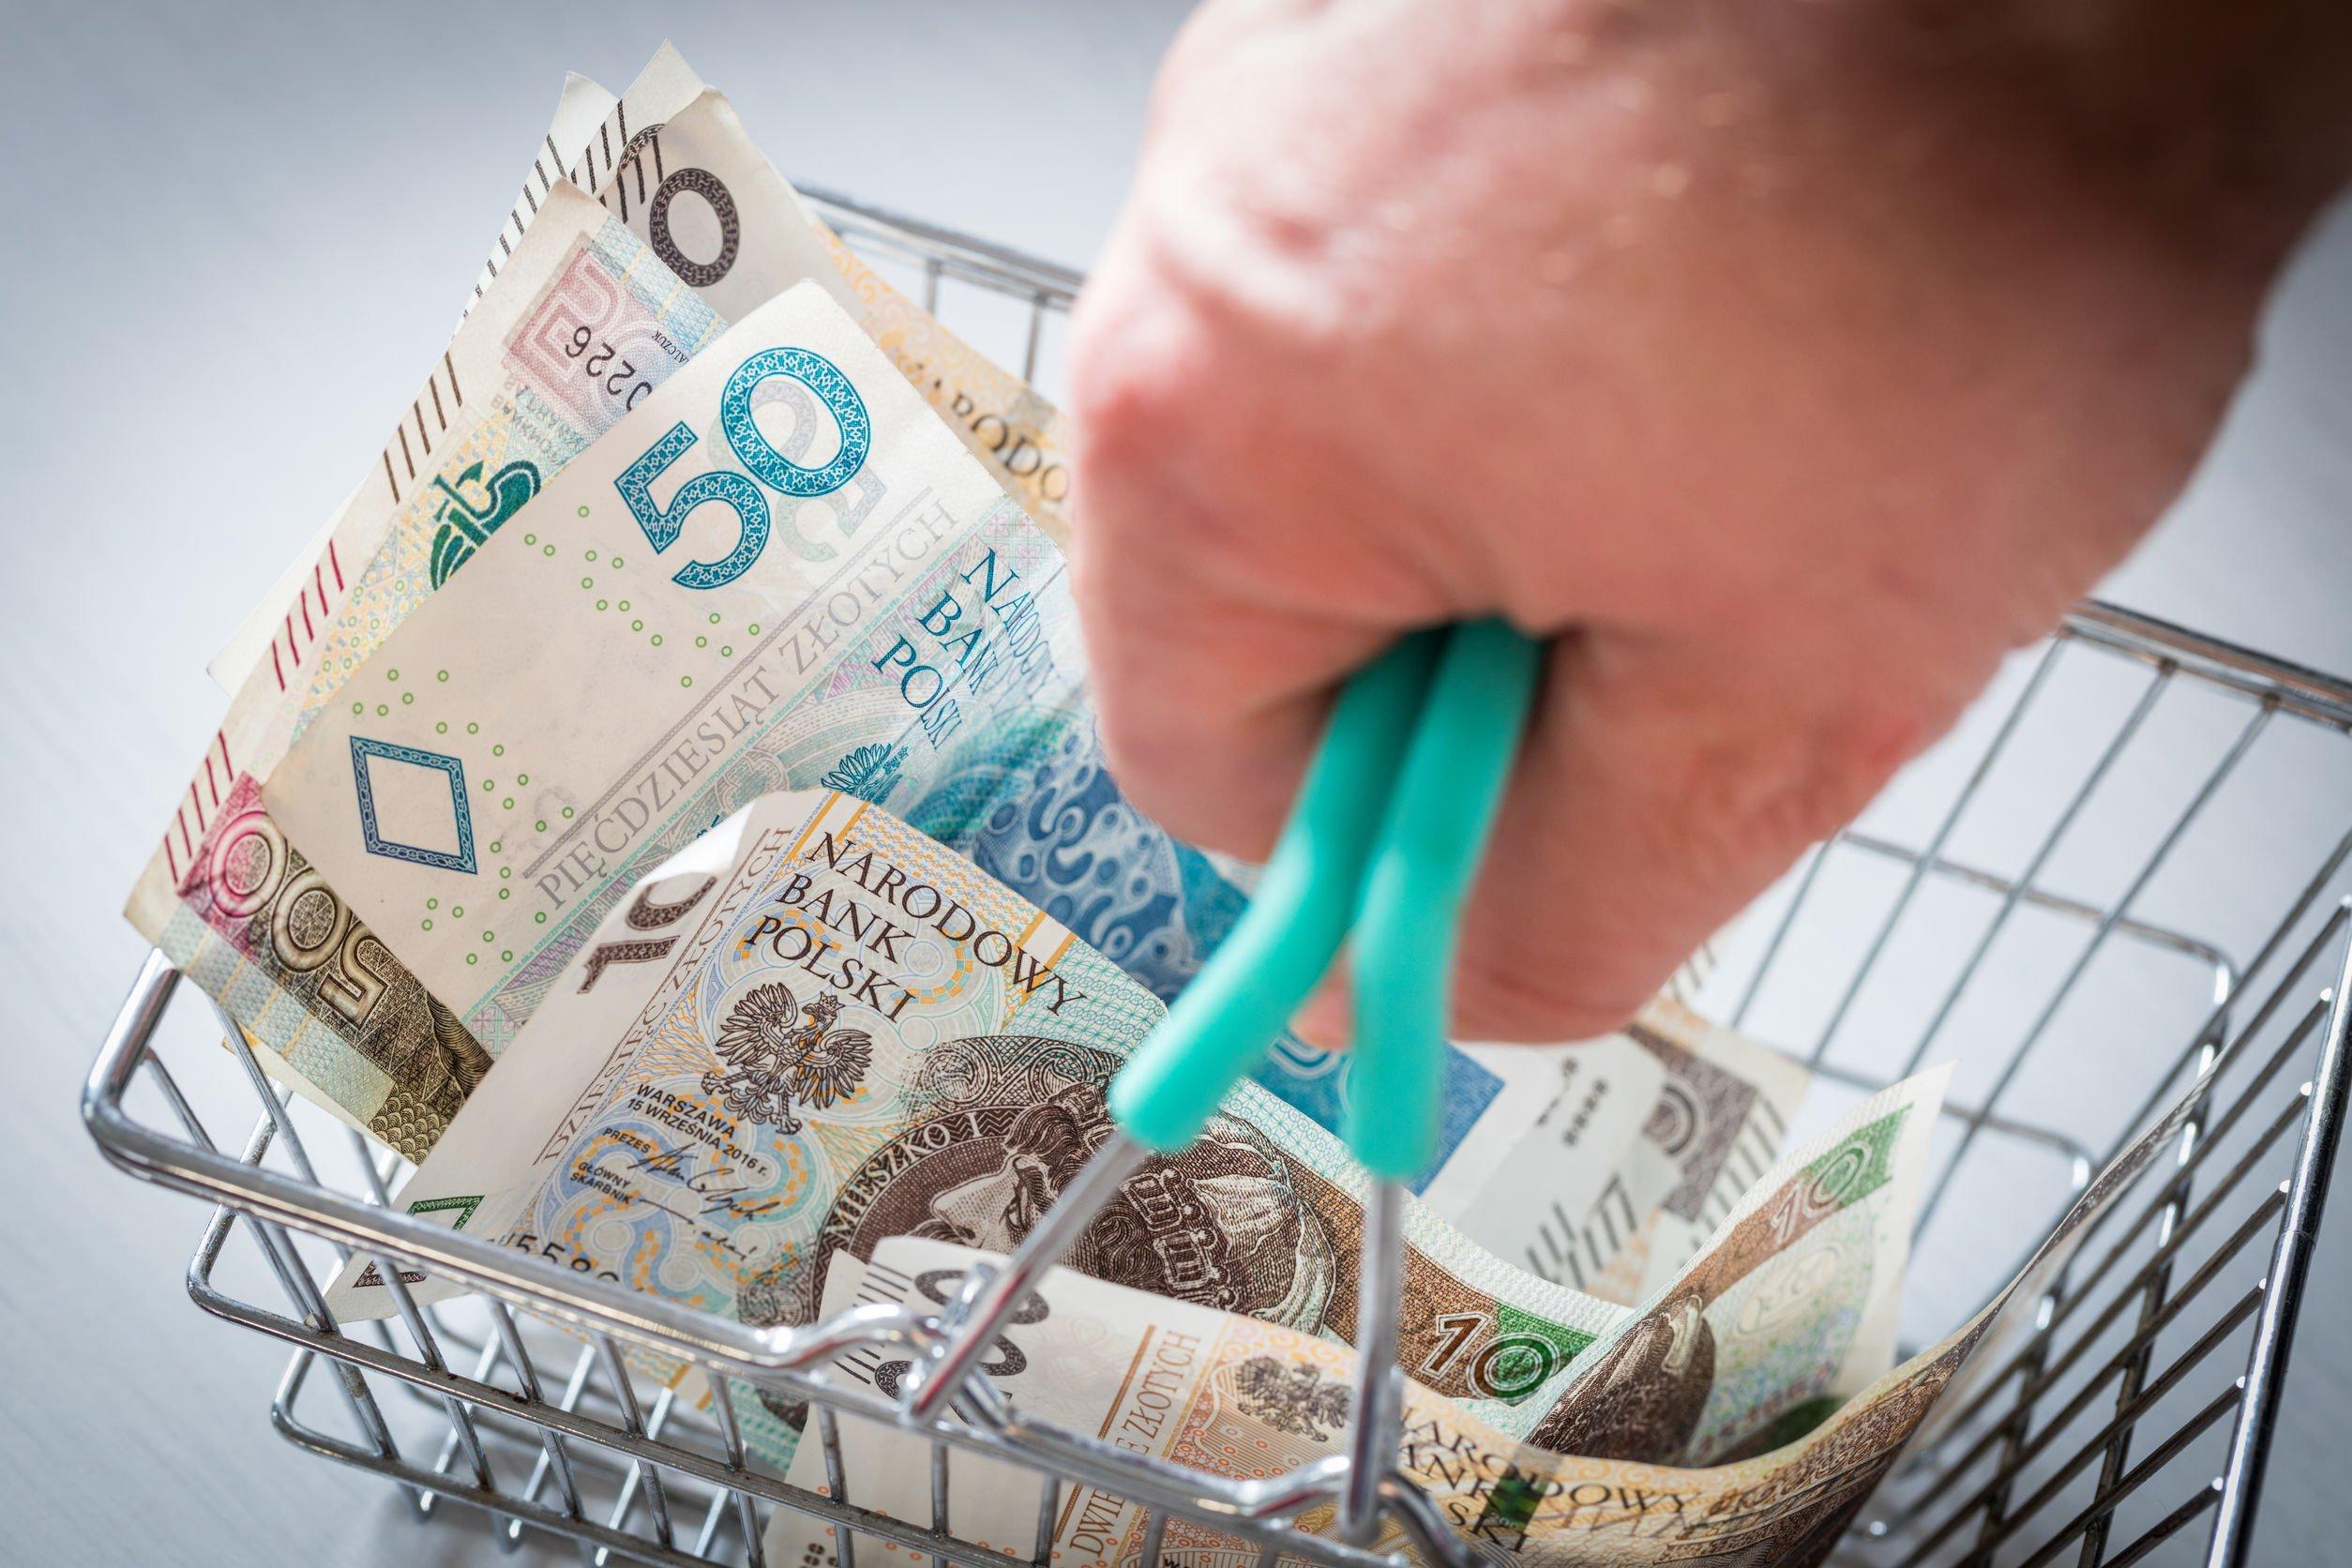 Wzrost cen wsklepach jest nieunikniony. Ekonomiści mówią oczarnym scenariuszu